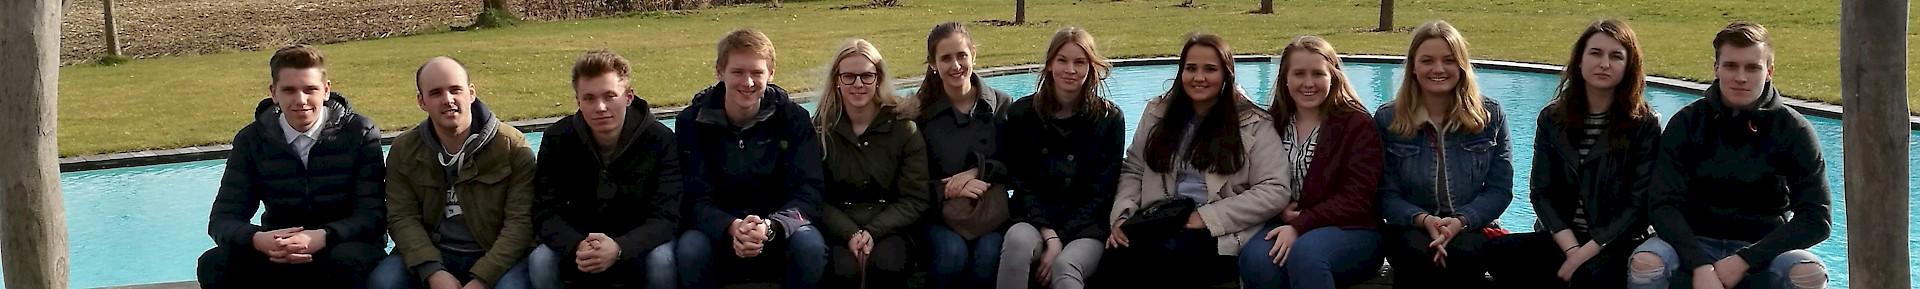 Azubis-on-Tour heißt die Schulungsreihe im Hotel Kaiserhof Münster, die die Auszubildenden monatlich oft außerhalb des Betriebes lernen lässt